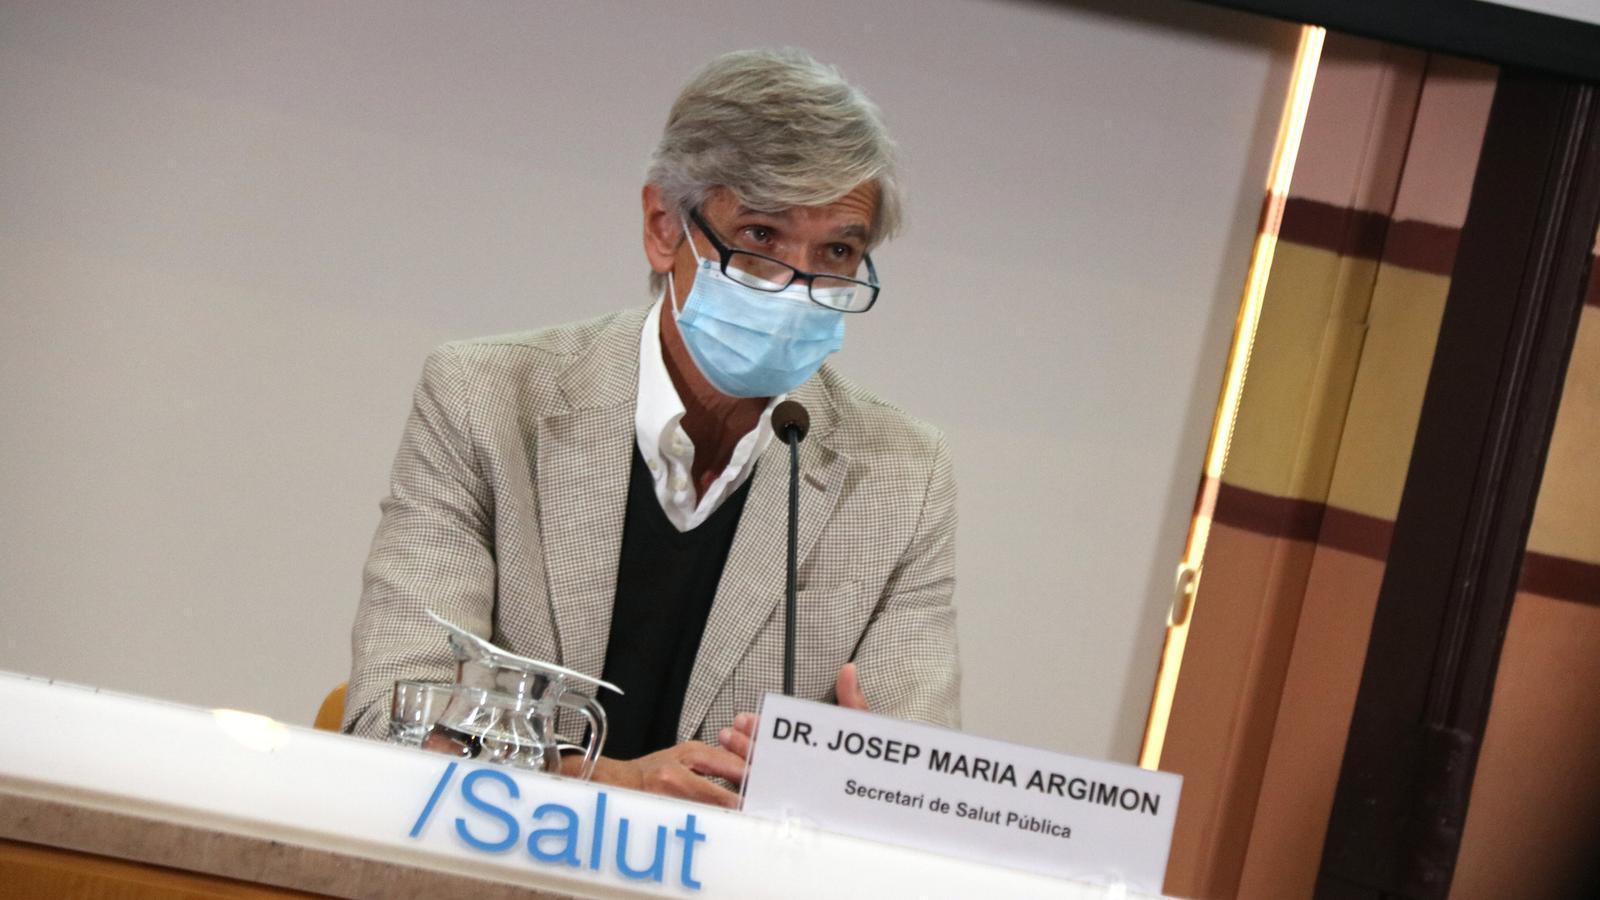 Roda de premsa del secretari de Salut Pública, Josep Maria Argimon, i el coordinador de la unitat de seguiment del covid-19, Jacobo Mendioroz, del dijous 8 d'octubre.